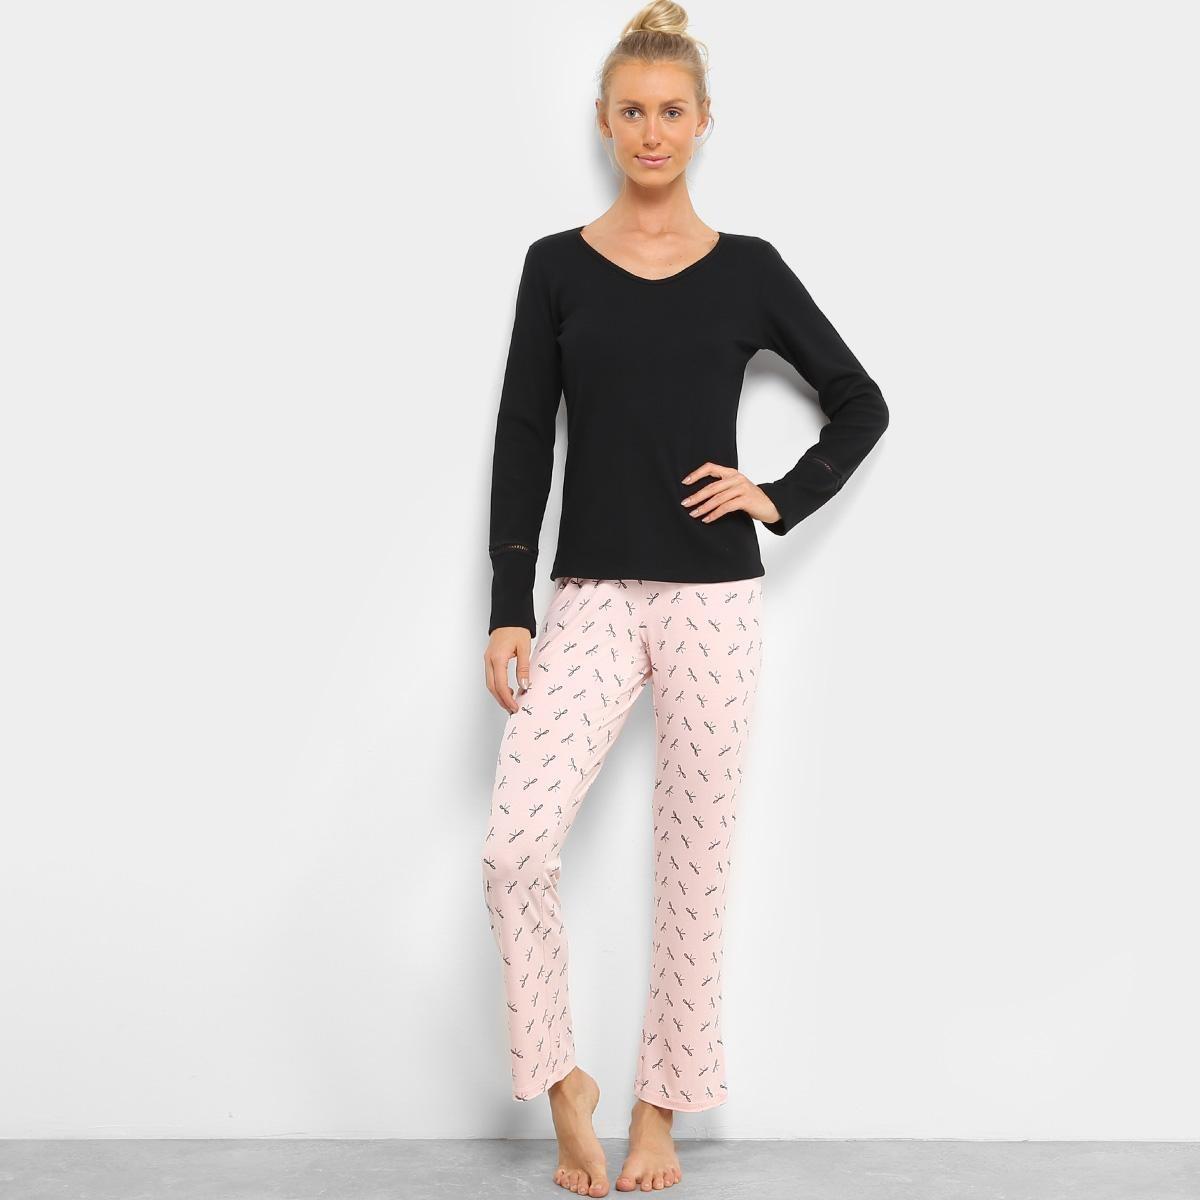 20a8fbe5e pijama sonnovinci longo canelado feminino - tamanho gg. Carregando zoom.